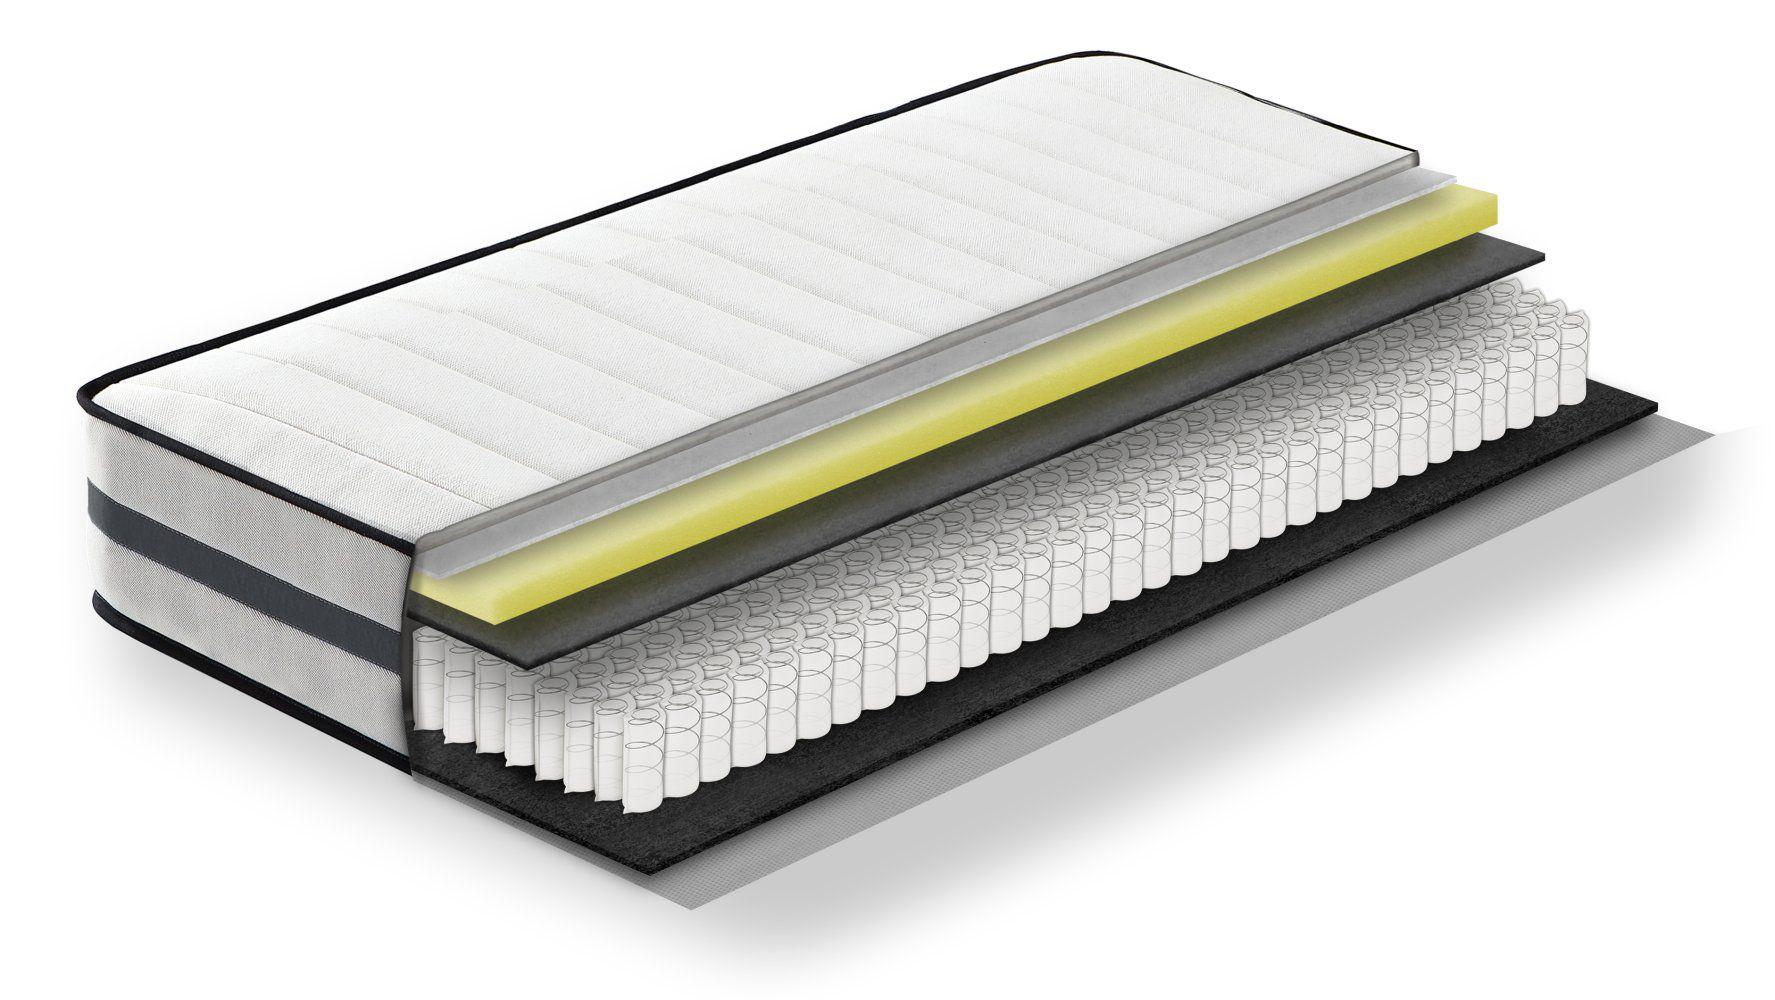 Steiner Premium Matratze Fantasy mit Taschenfederkern - Größe: 90 x 200 cm, Härtegrad H2-H3, Höhe: 22,5 cm